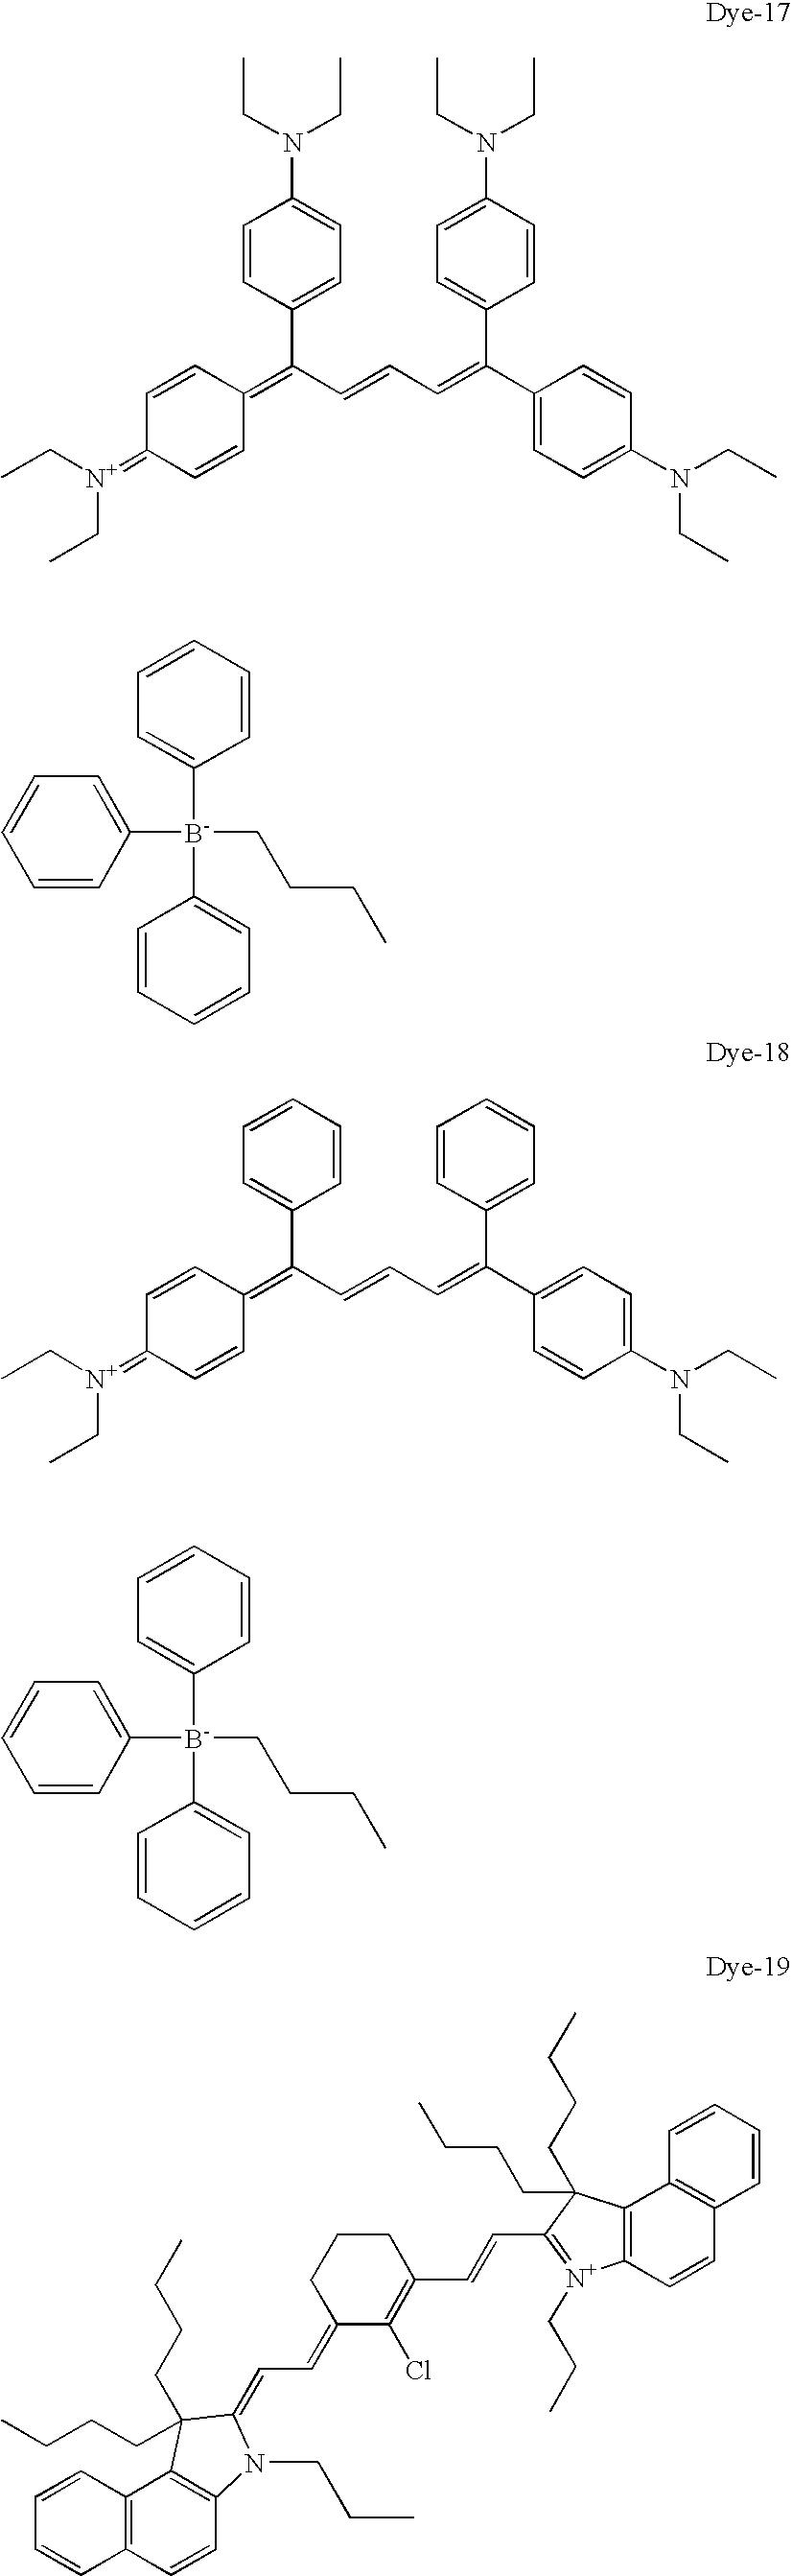 Figure US20050164116A1-20050728-C00008